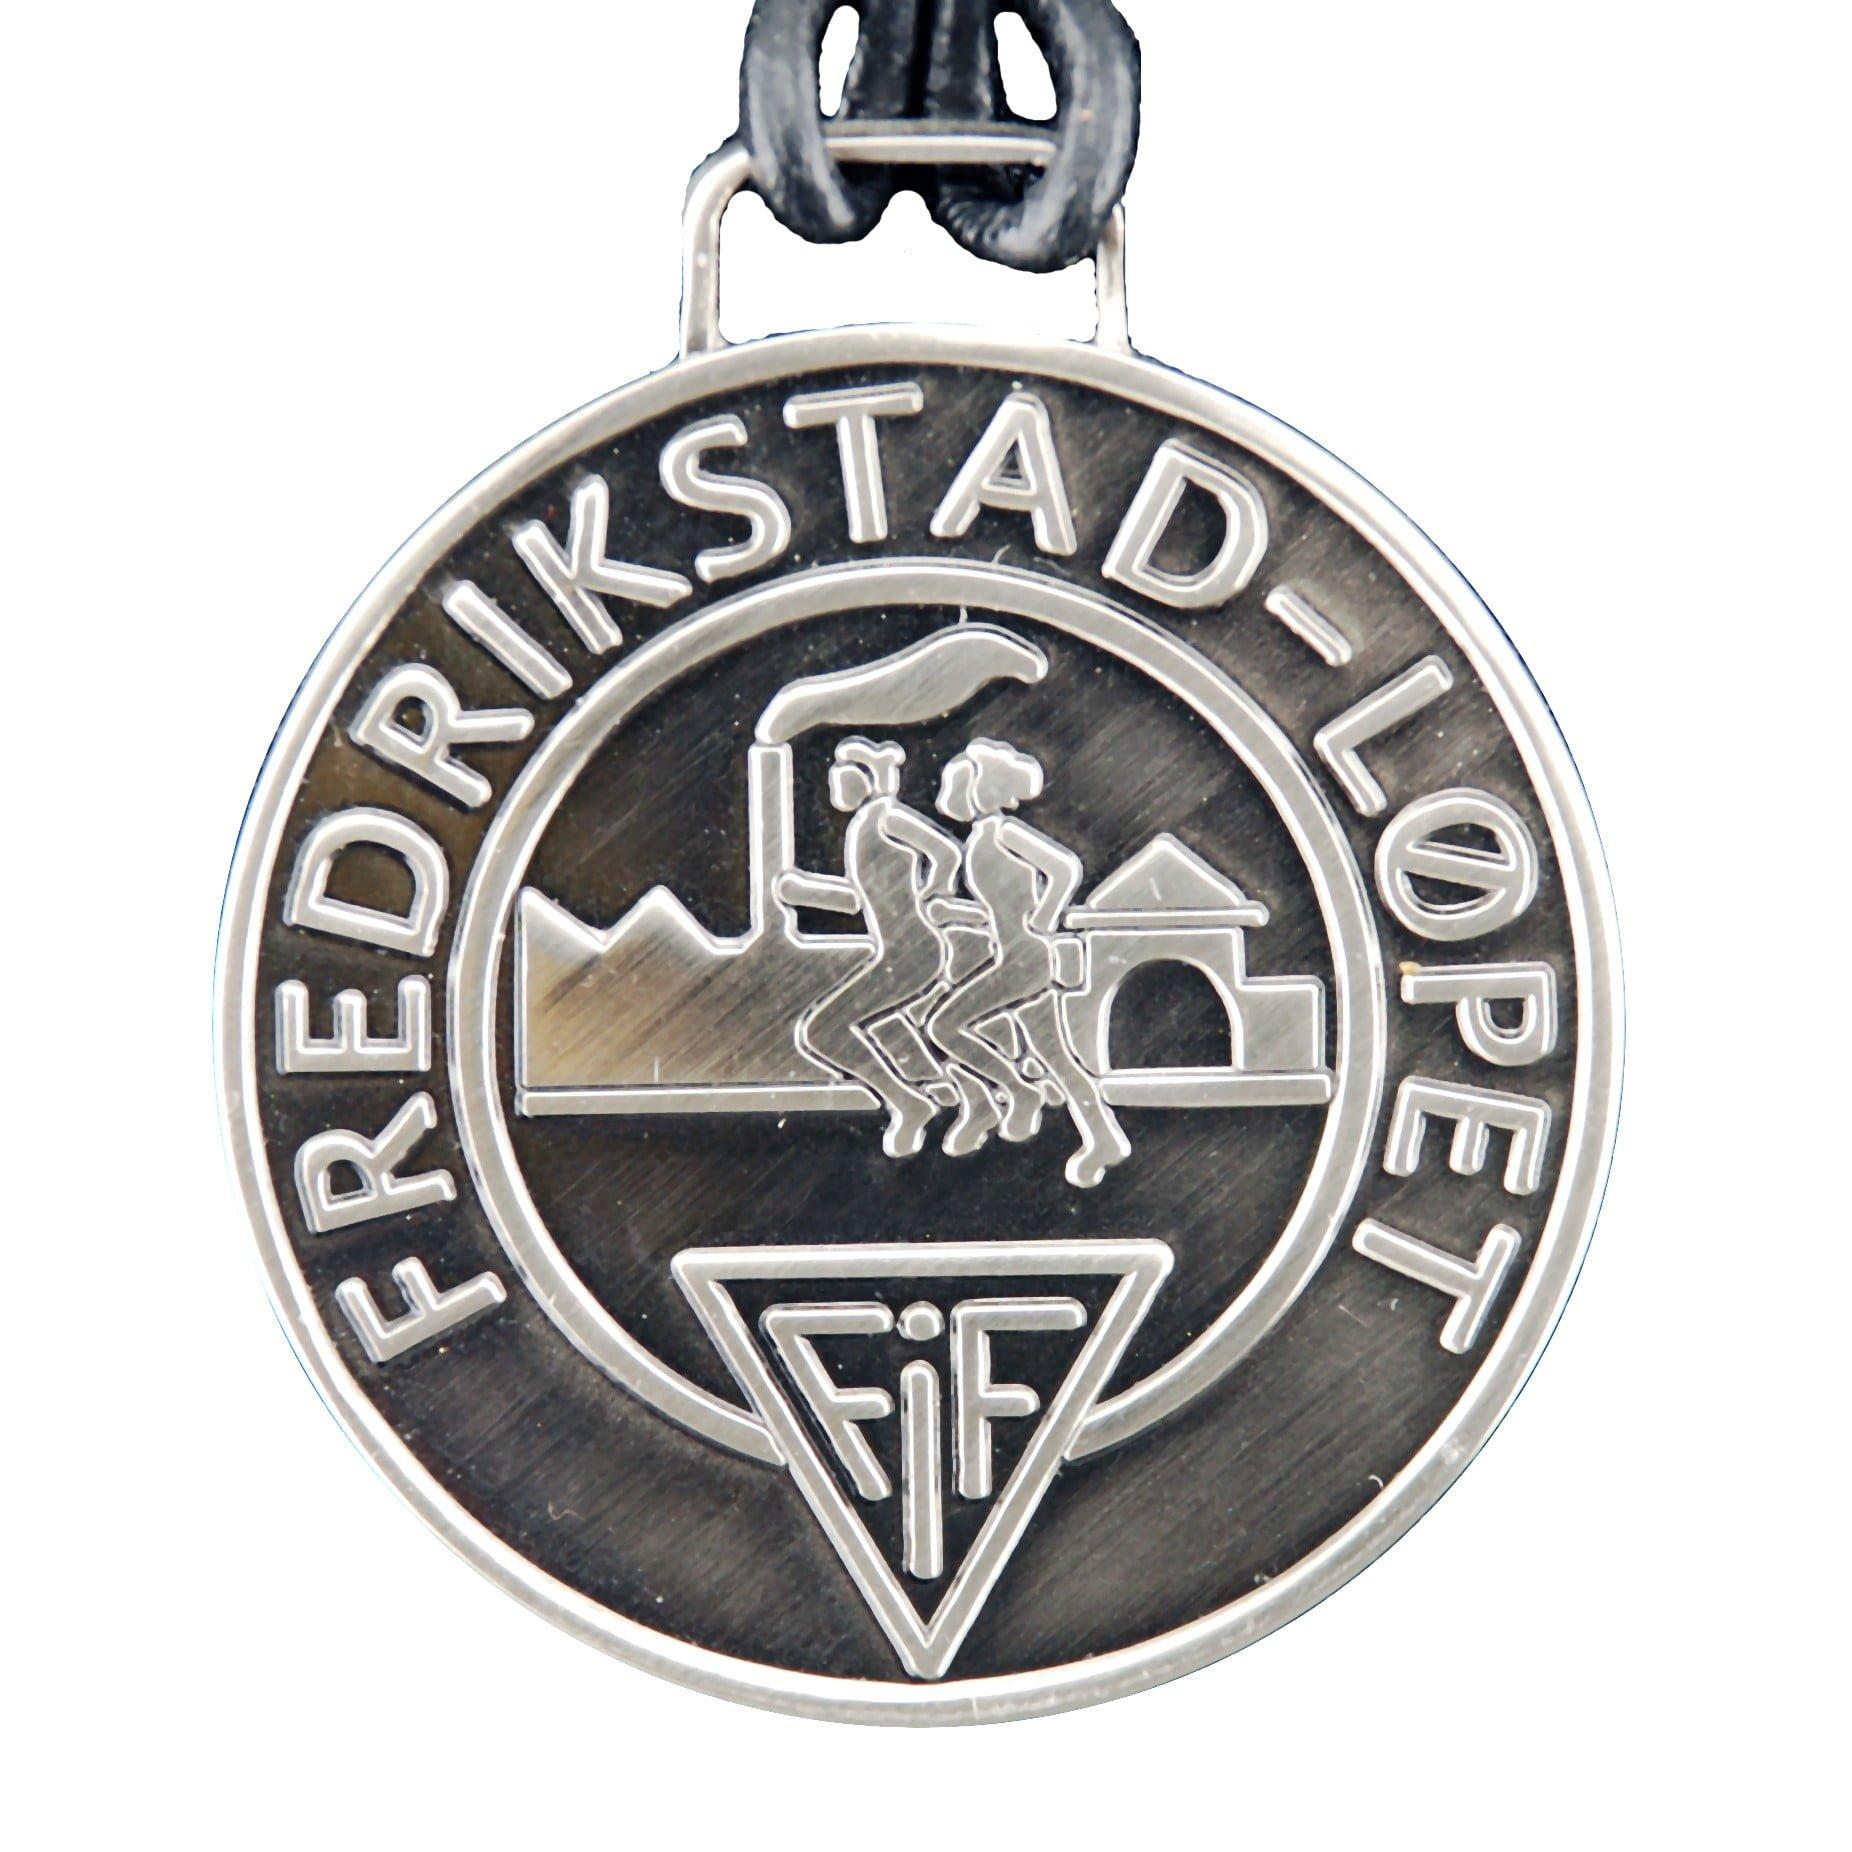 Spesial Fredrisktadlopet1 - Spesialproduserte medaljer